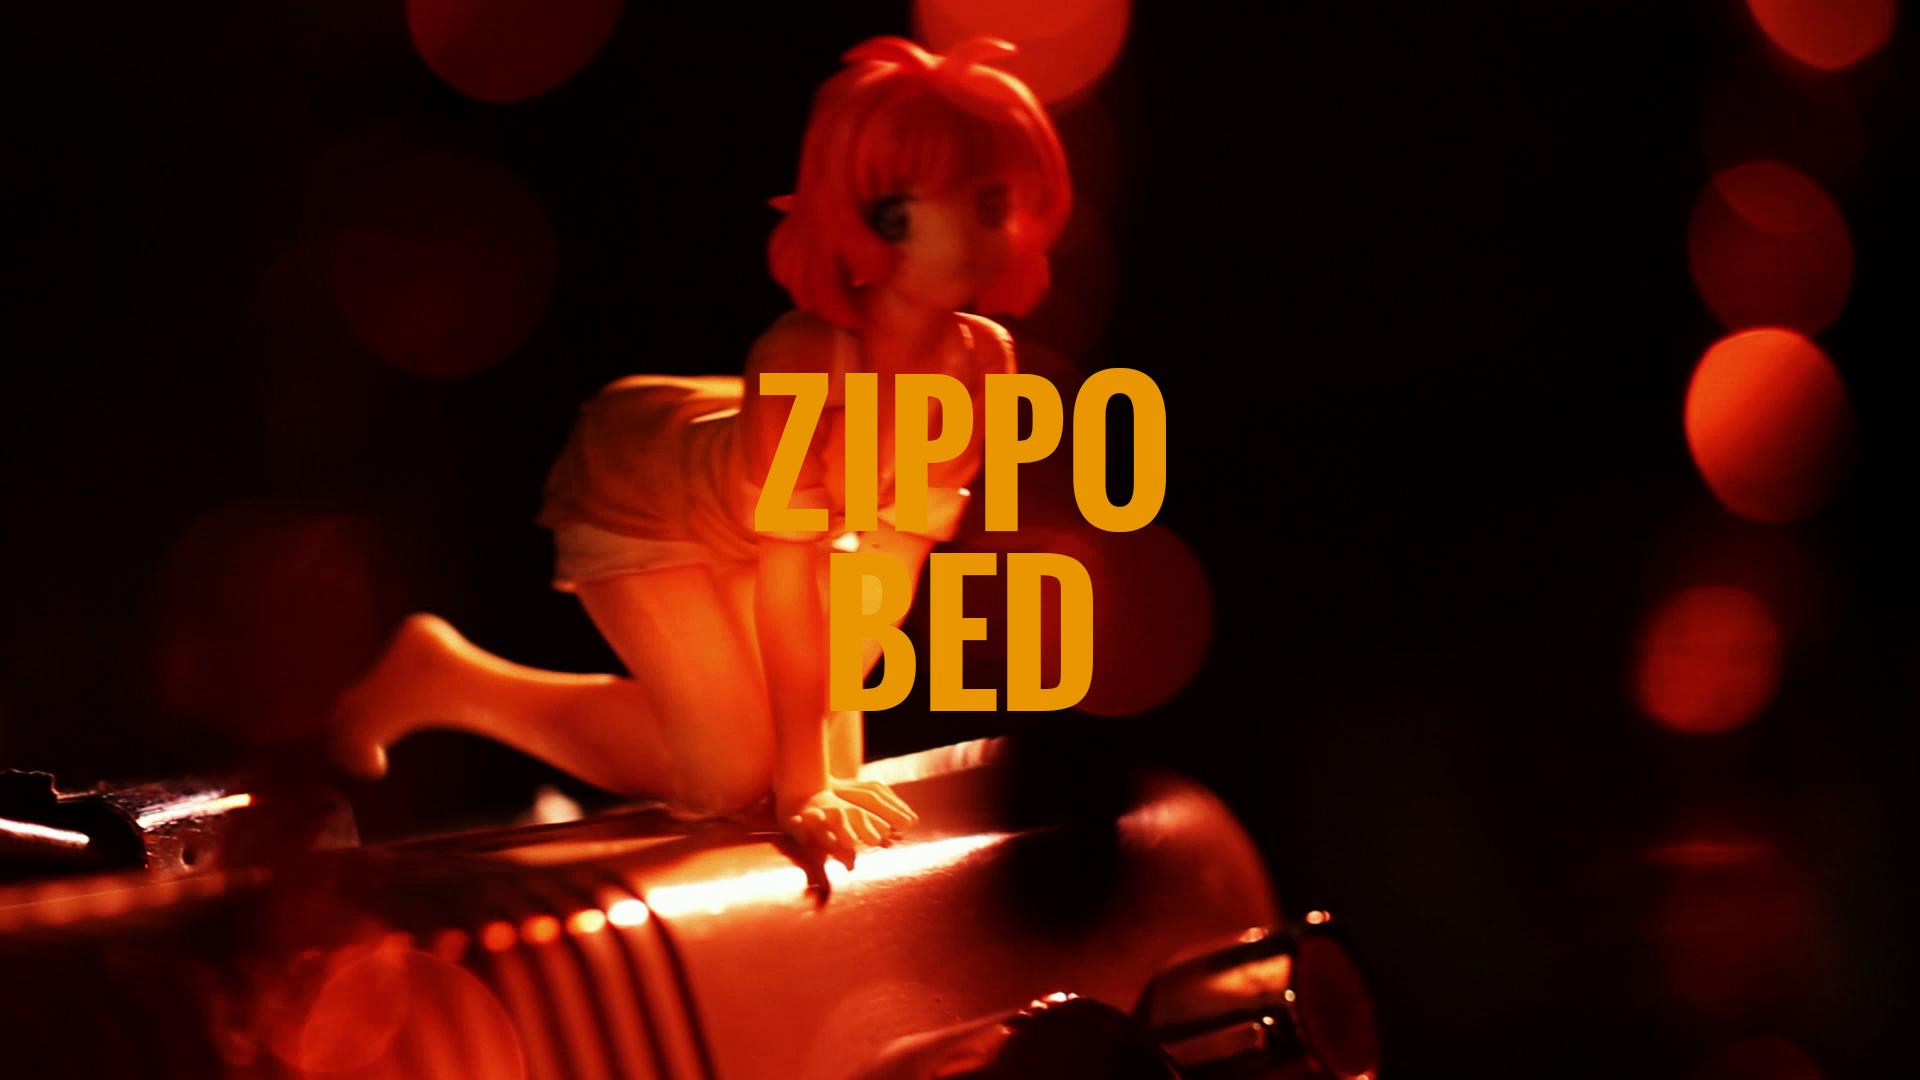 ZIPPO – BED